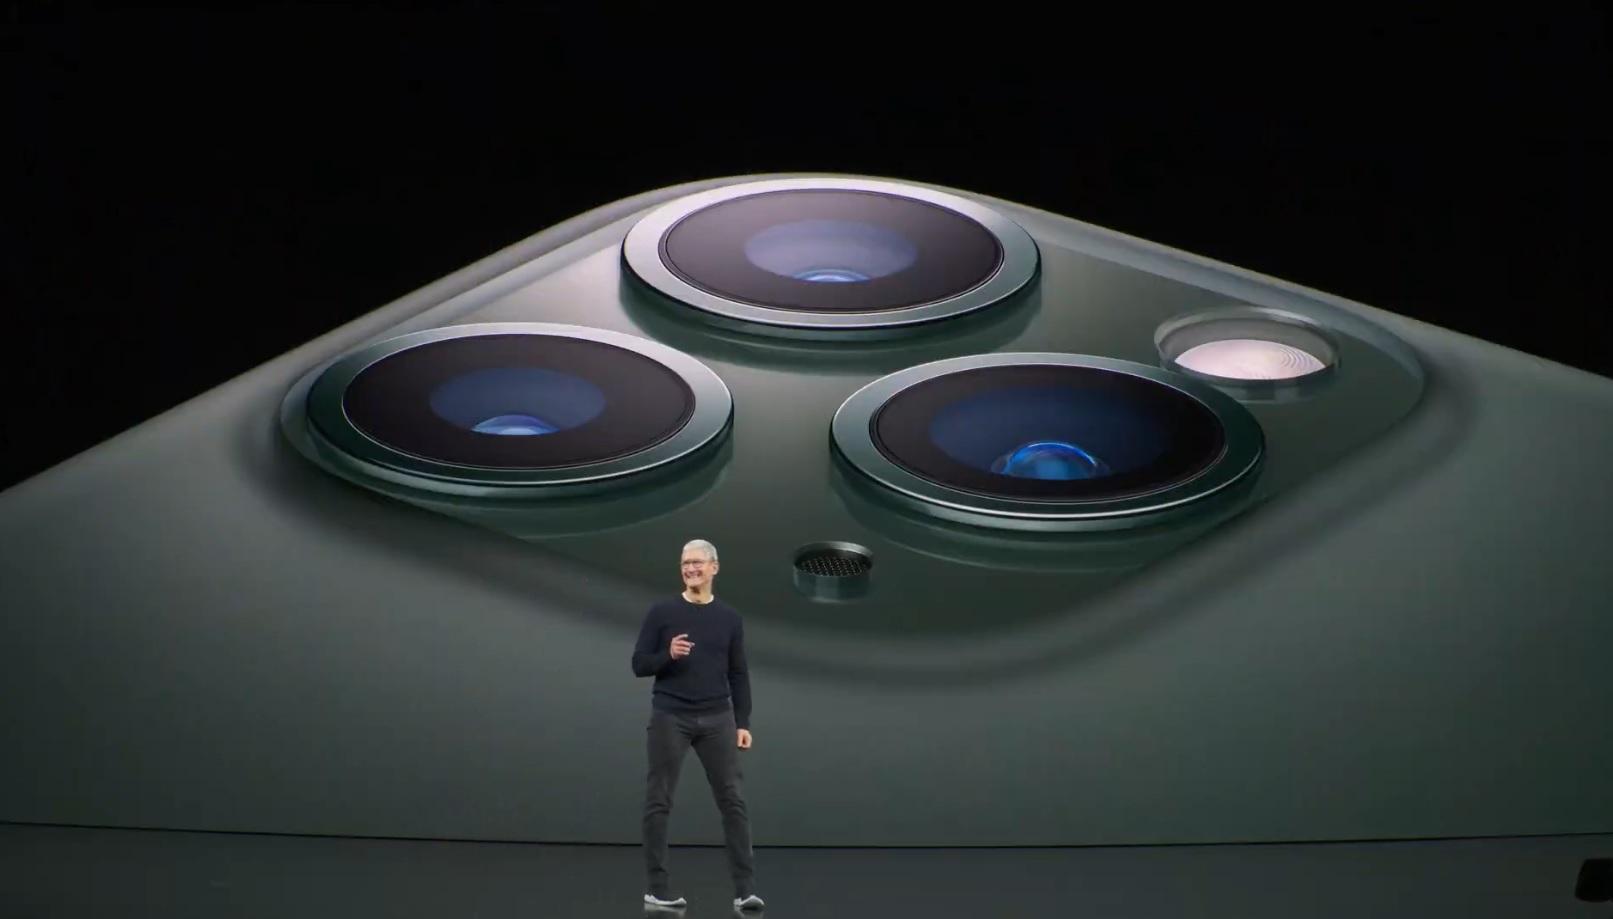 Apple confirmó que retrasará el lanzamiento del iPhone 12 - Infobae